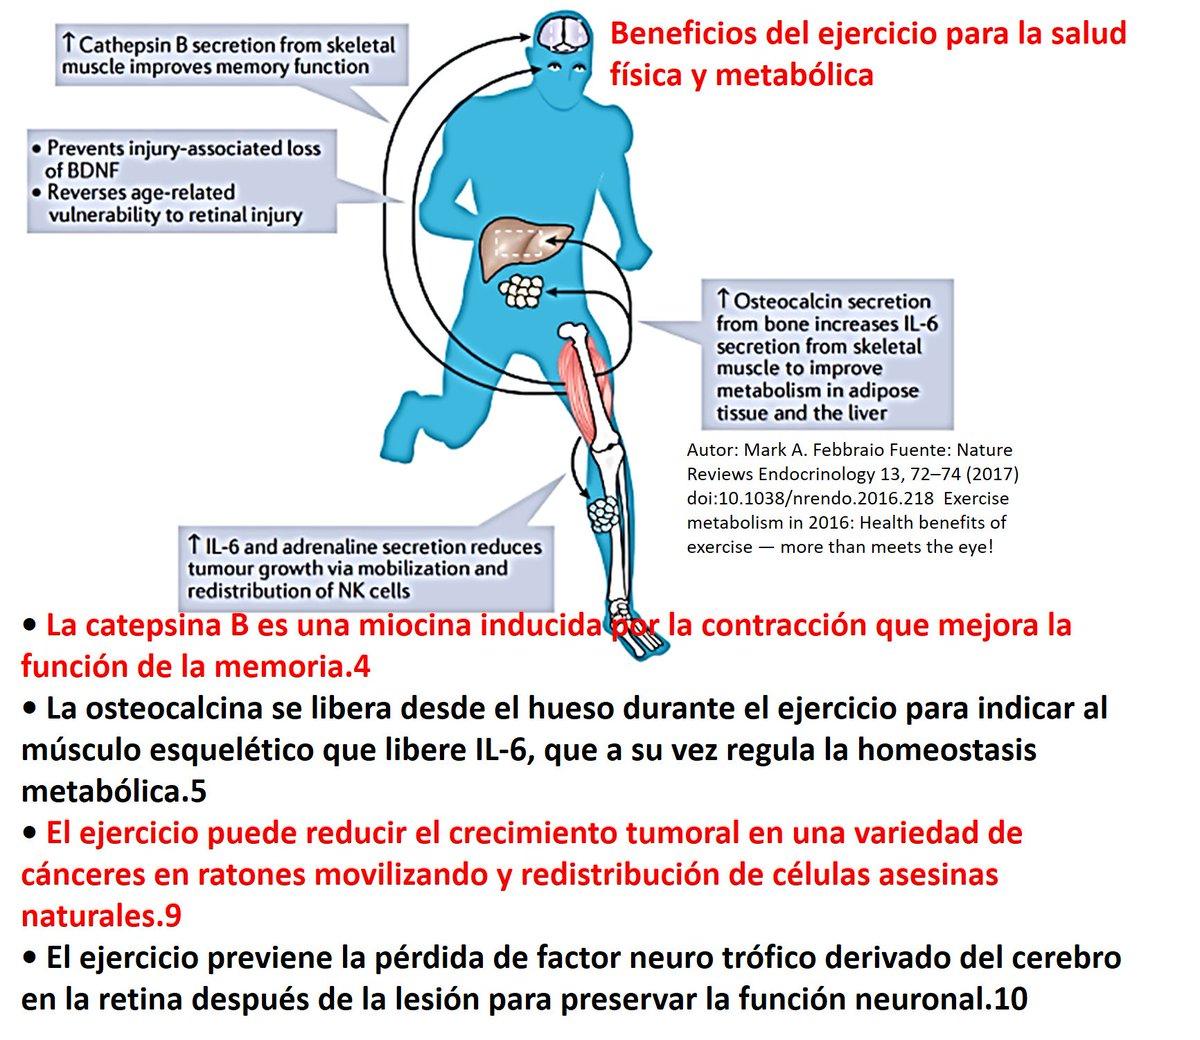 La actividad física mejora el crecimiento de la disfunción eréctil del cuerpo.